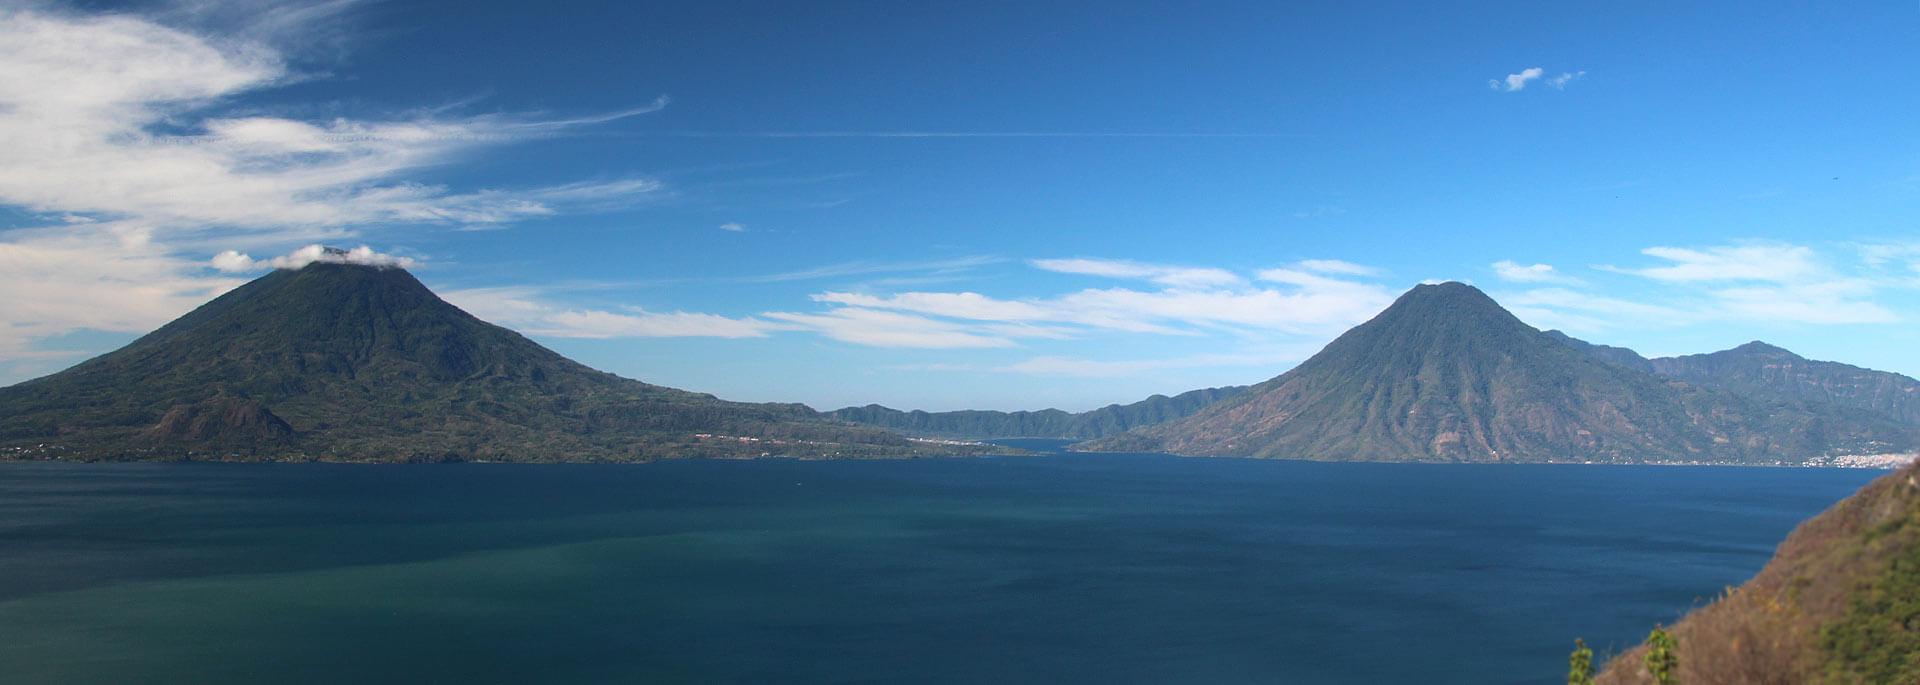 Farbwelten rund um den Lago Atitlán